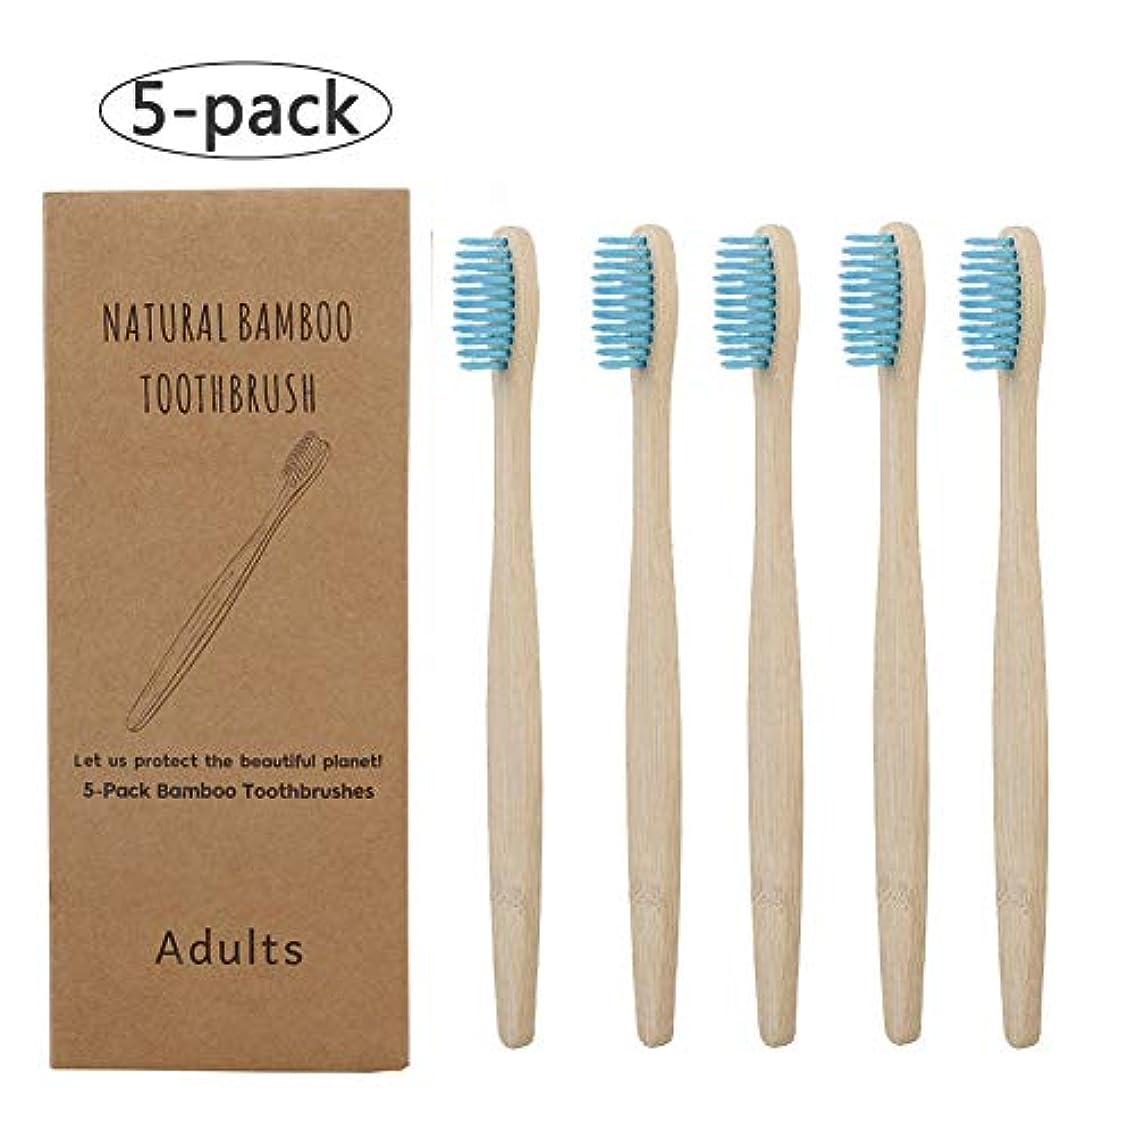 プロペラフラップセラーDoo 5pcs 竹の歯ブラシ 大人用 柔らかい剛毛 環境保護 自然竹ハンドル 軟毛歯ブラシ 口腔ケア ブルー